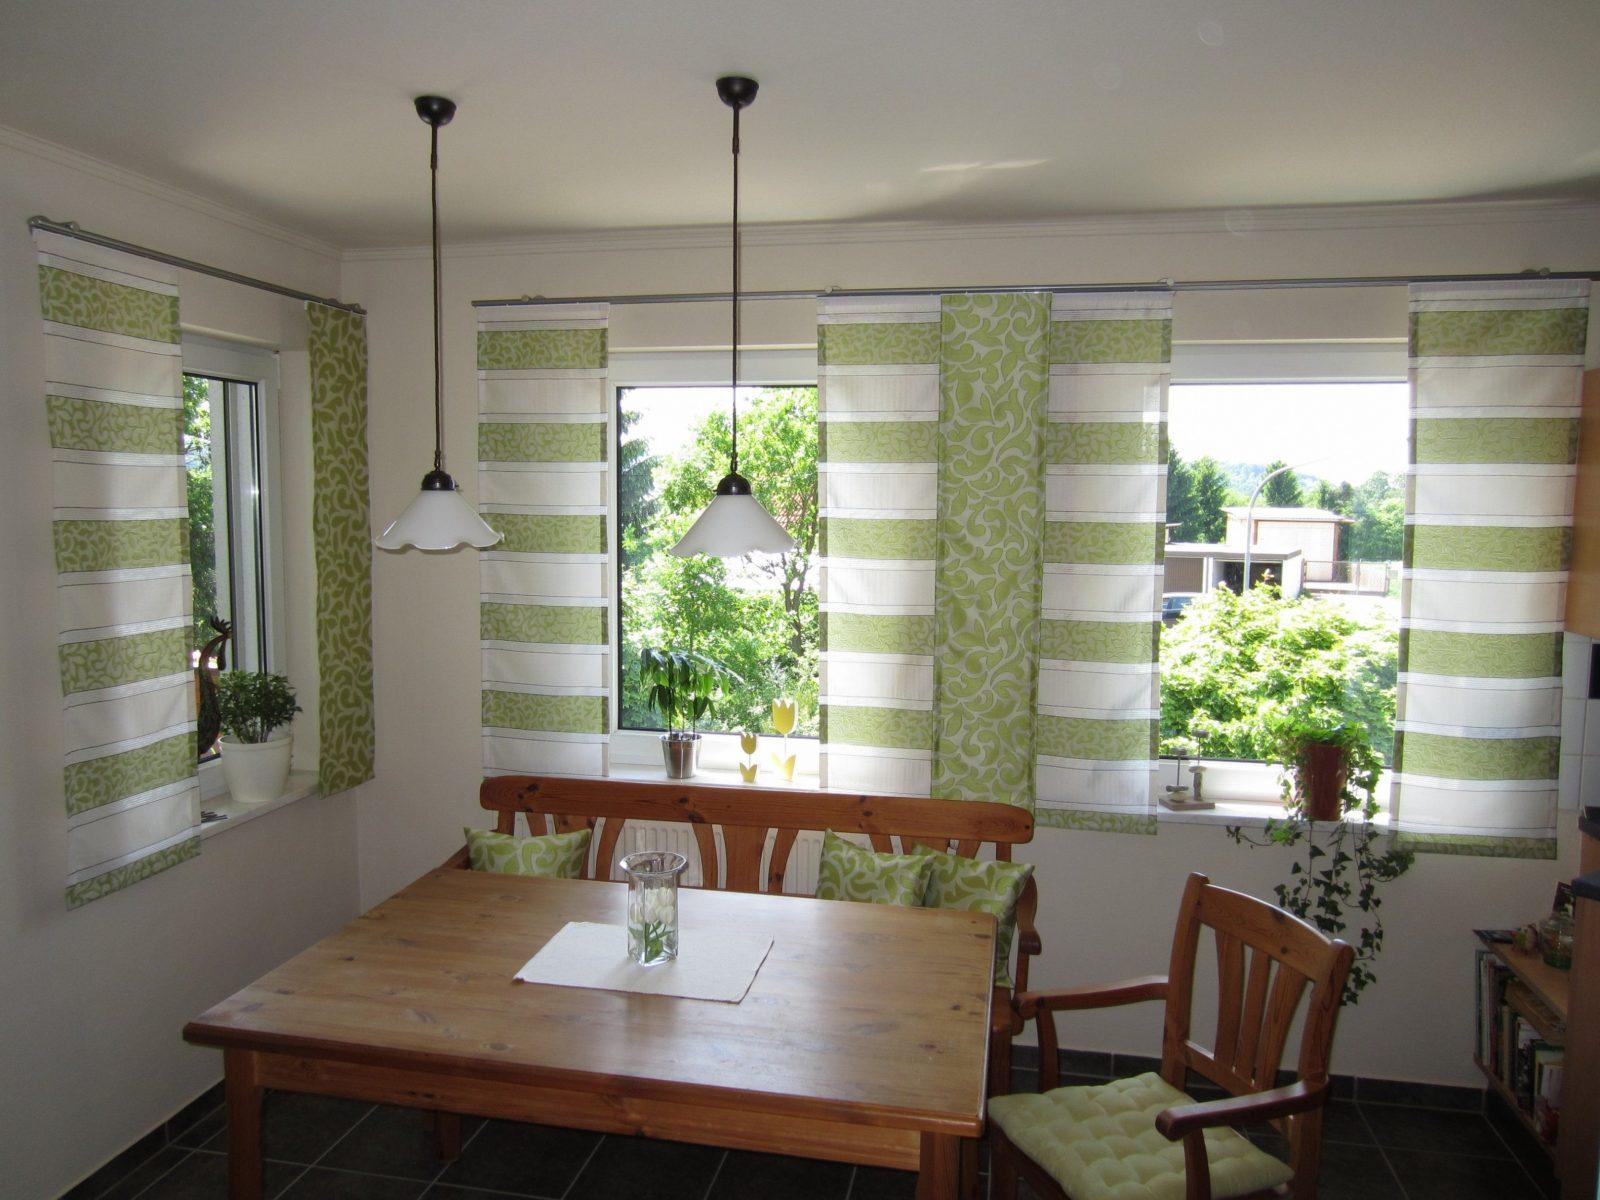 esszimmer erker ferienwohnung zur inneren blume ii hamburg niendorf. Black Bedroom Furniture Sets. Home Design Ideas